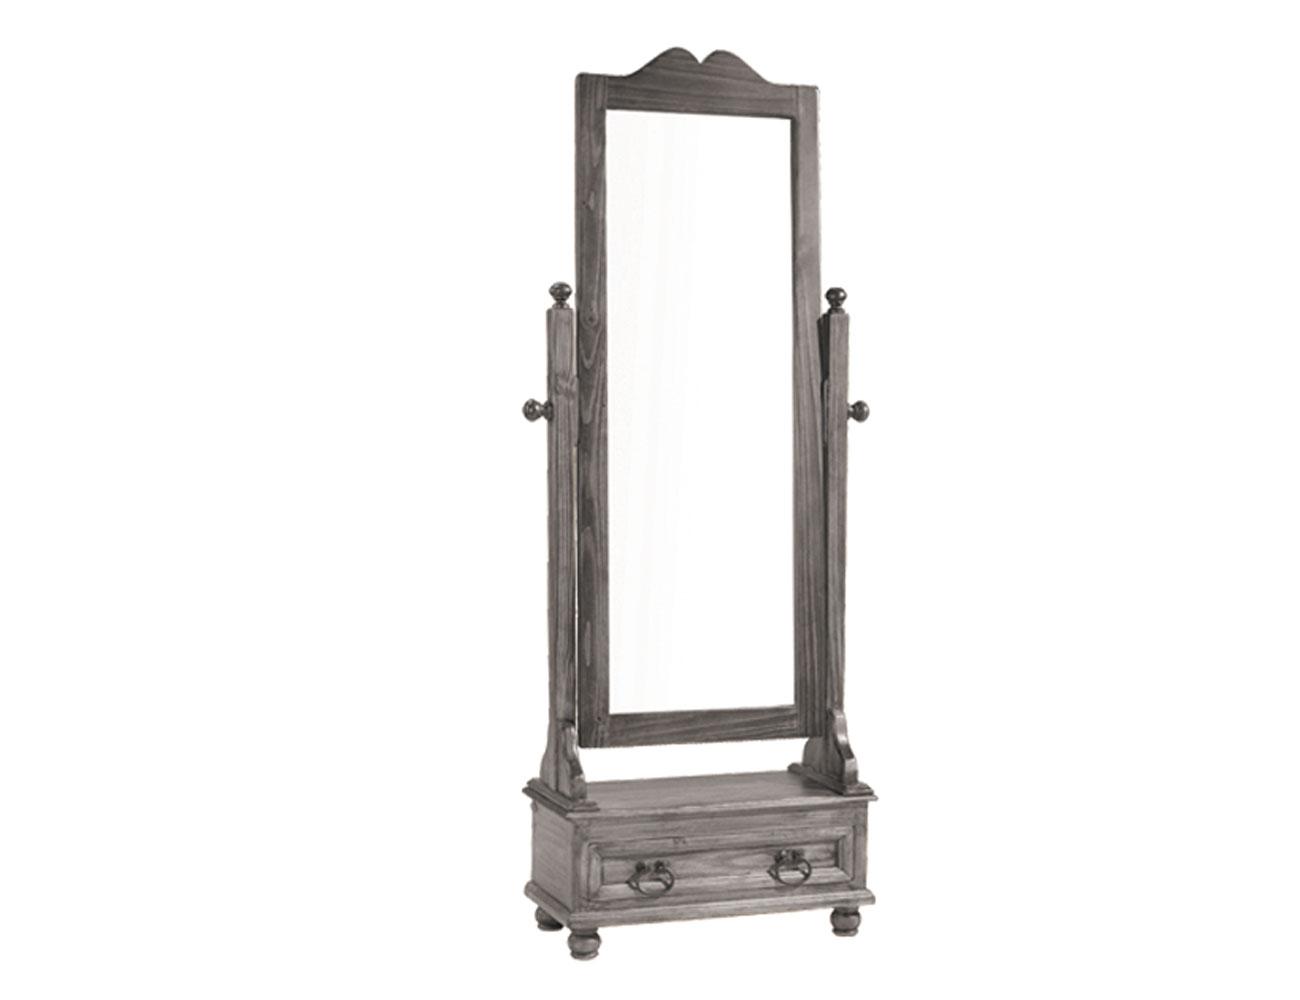 2510301 espejo vestidor sonora madera 70 190 33